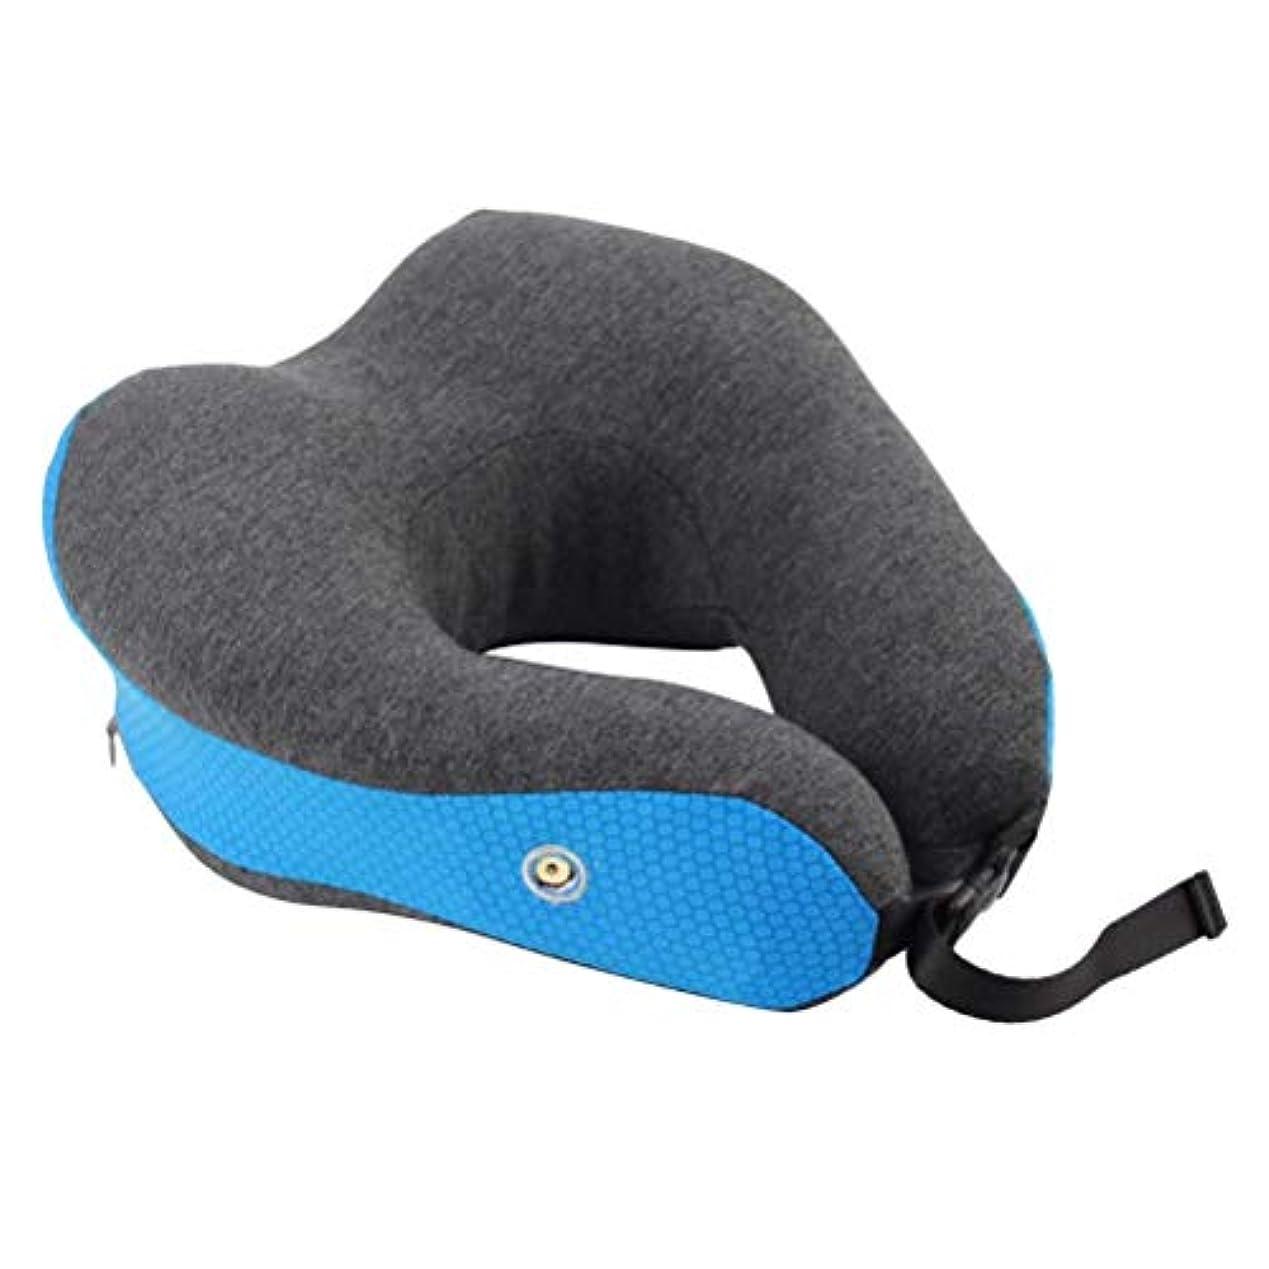 ダイバー過度のガジュマルHEALIFTY 首のサポートの首の枕USBソフトピローのヒートU字型ネッククッション車のための車のホームまたはオフィスバッテリなし(青)